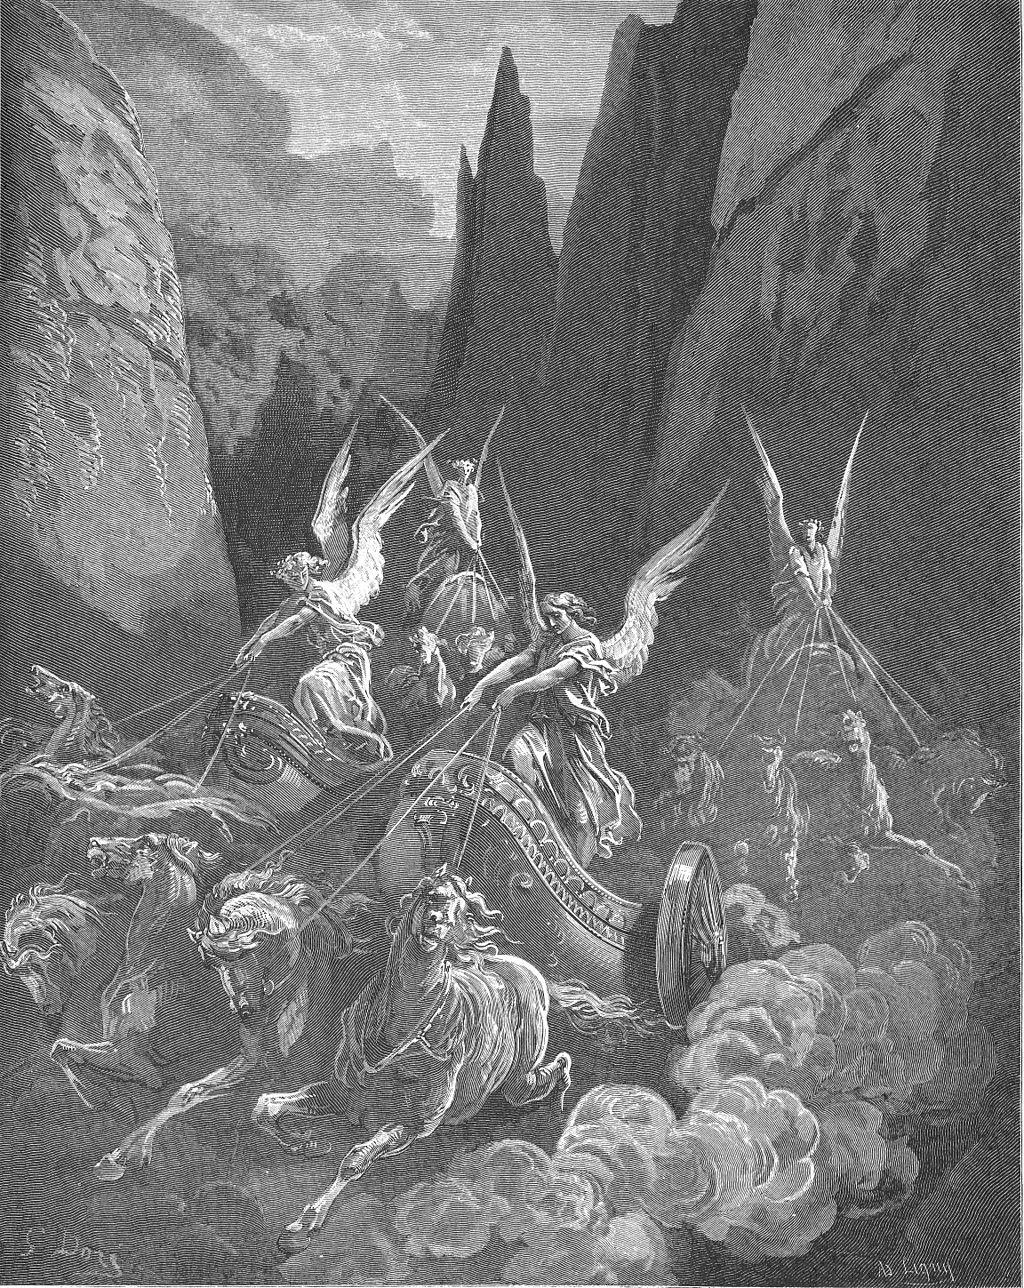 네 병거의 환상 (귀스타브 도레, Gustave Doré, 1866년)